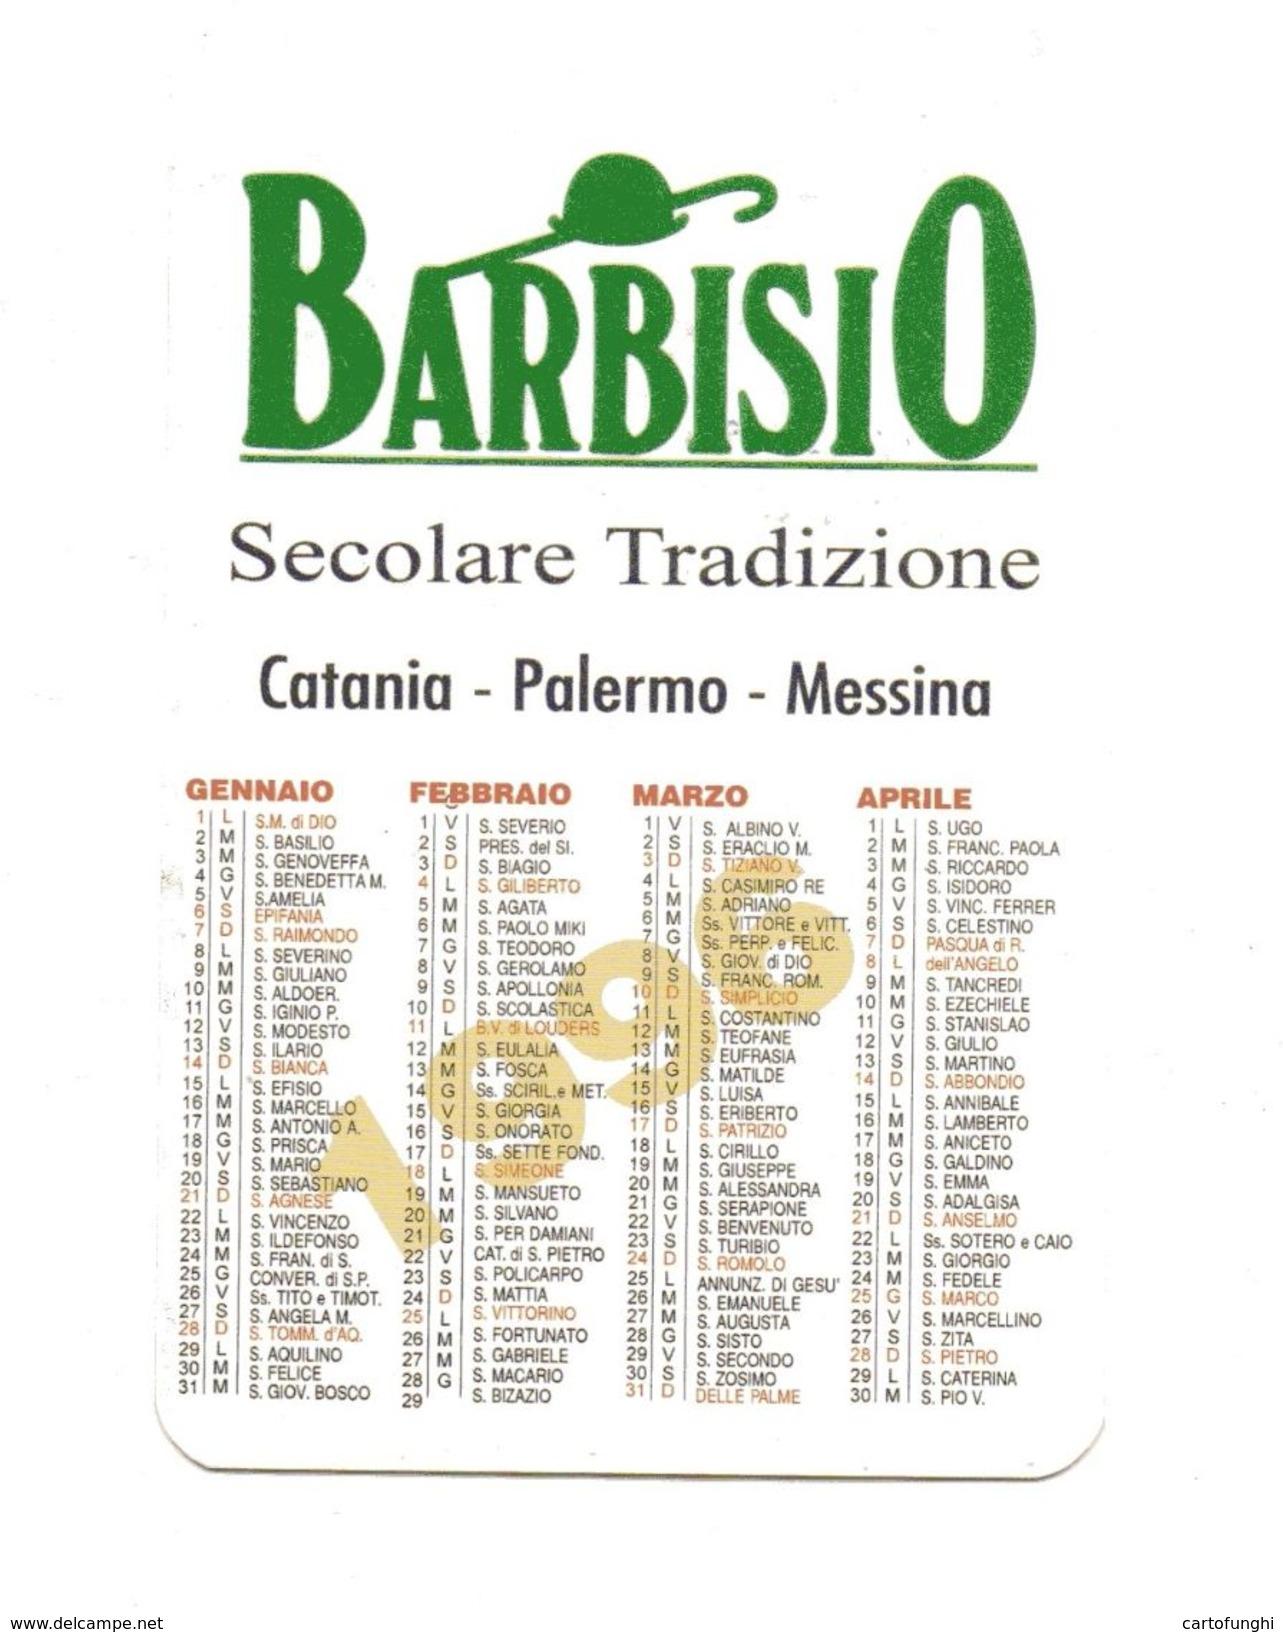 BARBISIO ABBIGLIAMENTO  CALENDARIETTO TASCABILE  1996 CAPPELLO BASTONE - Calendari